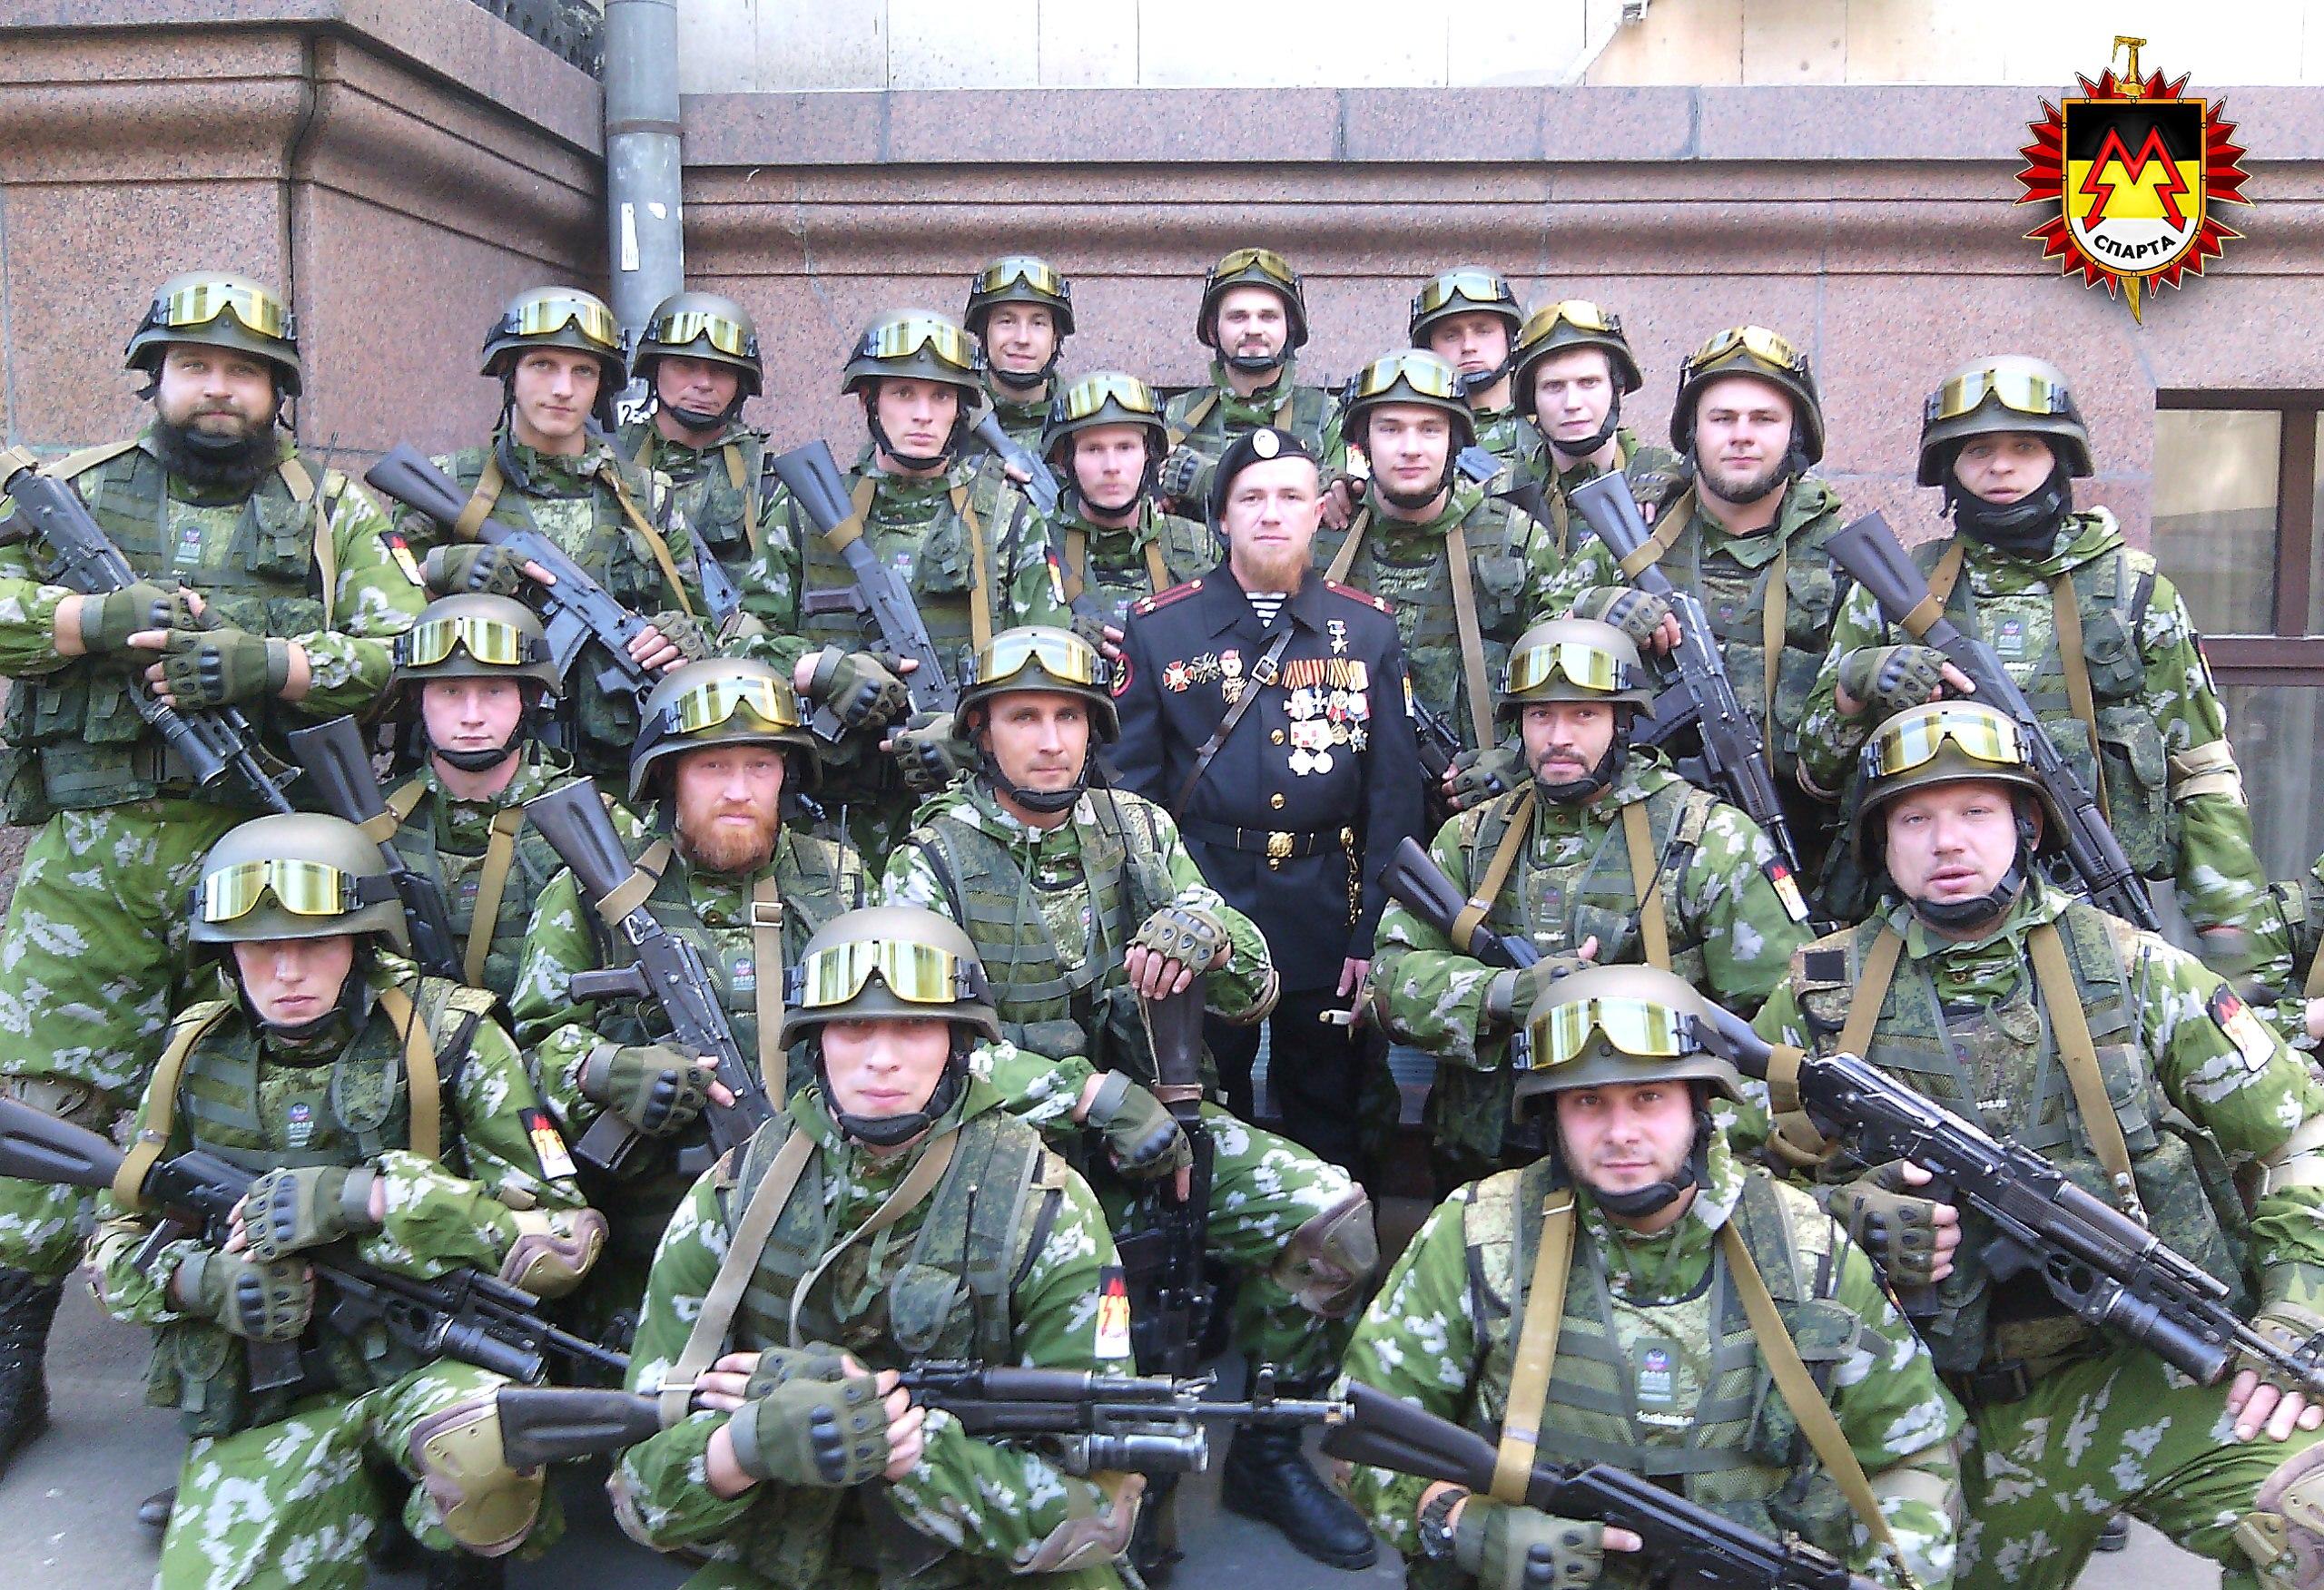 Антифашистский отряд Спарта